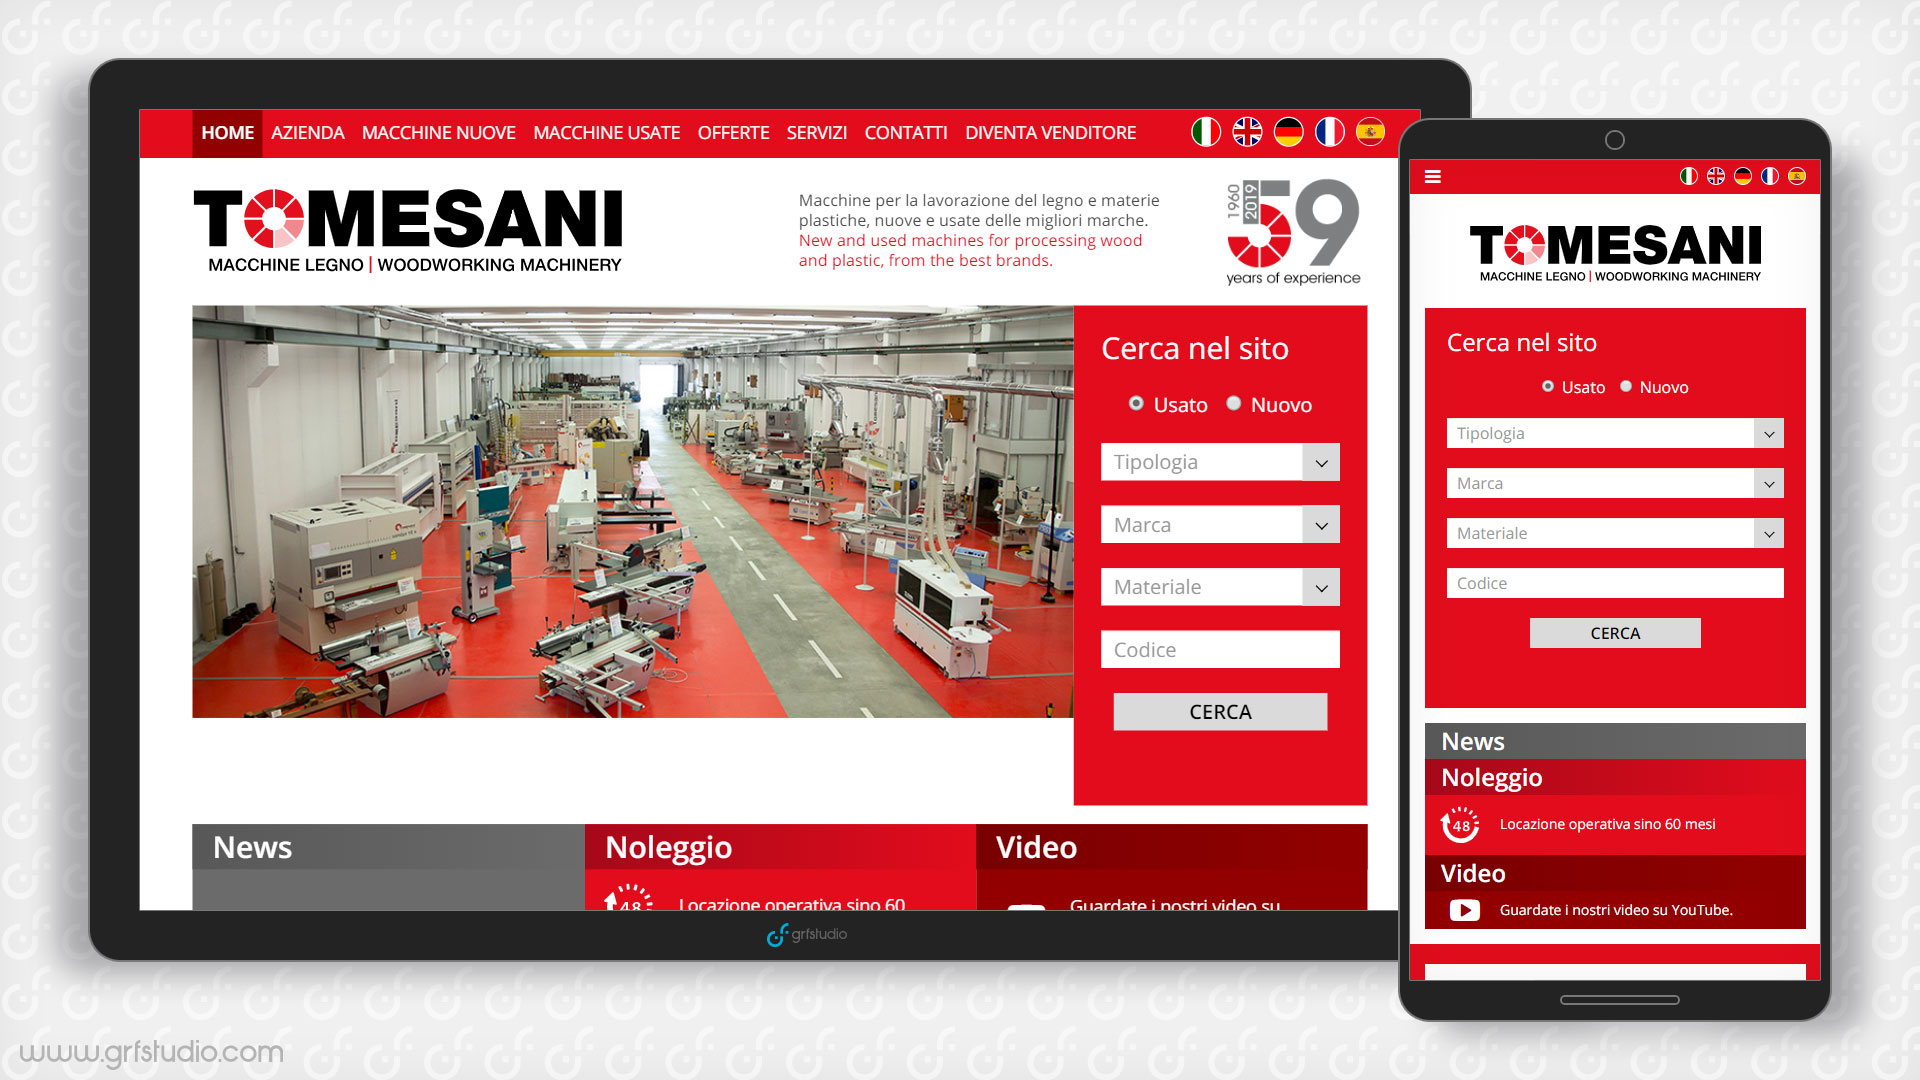 realizzazione sito web responsive multilingua; agenzia di comunicazione